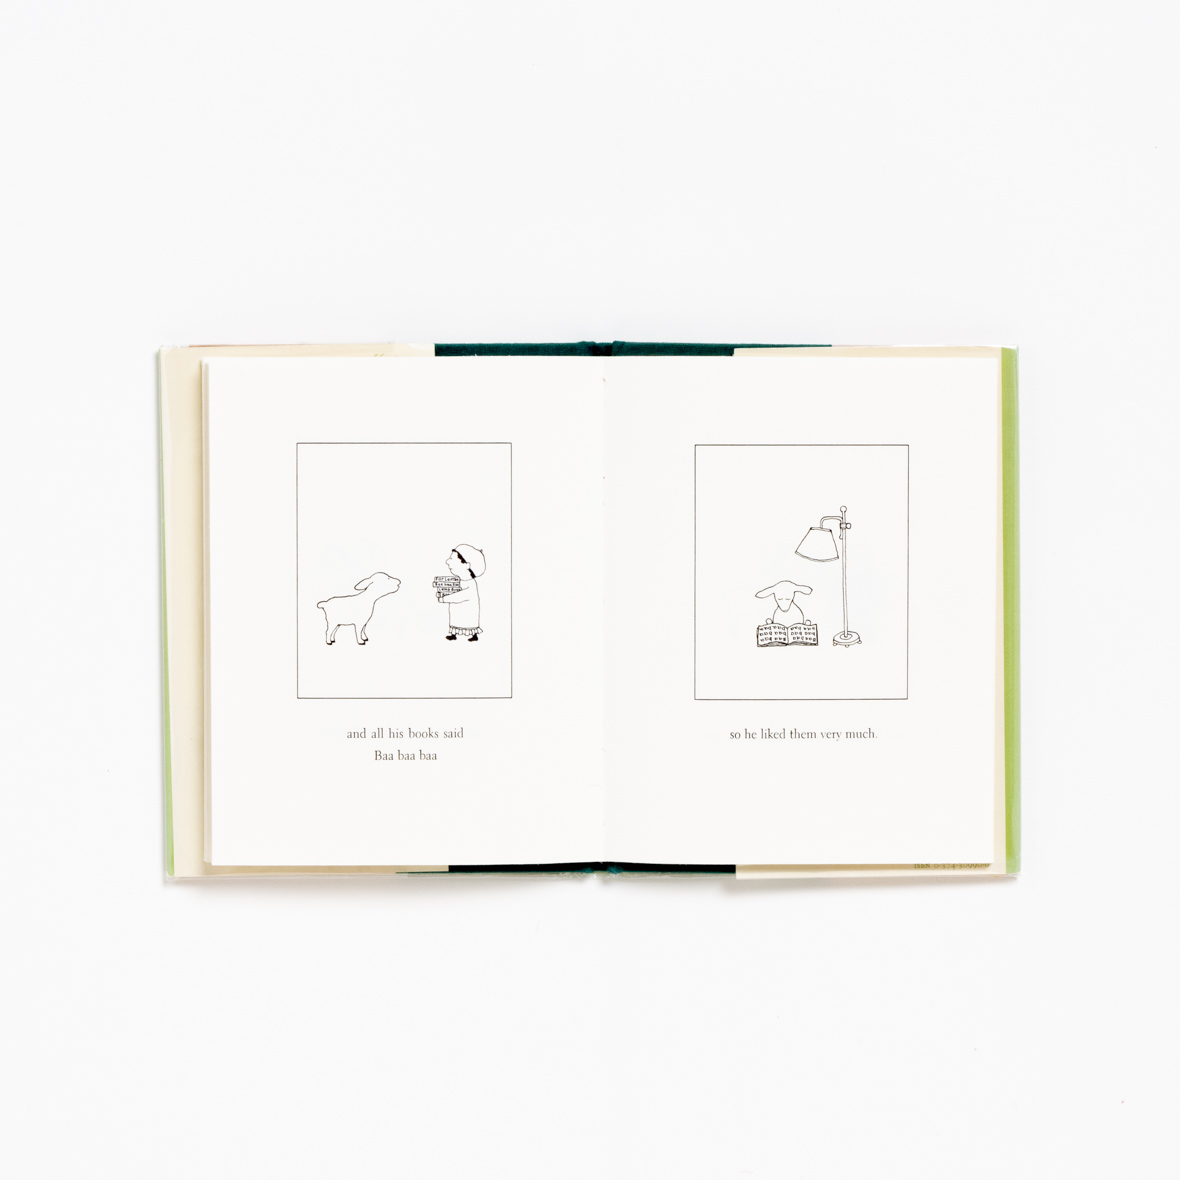 【TK】額装プリント M.B. Goffstein「きにいった本」